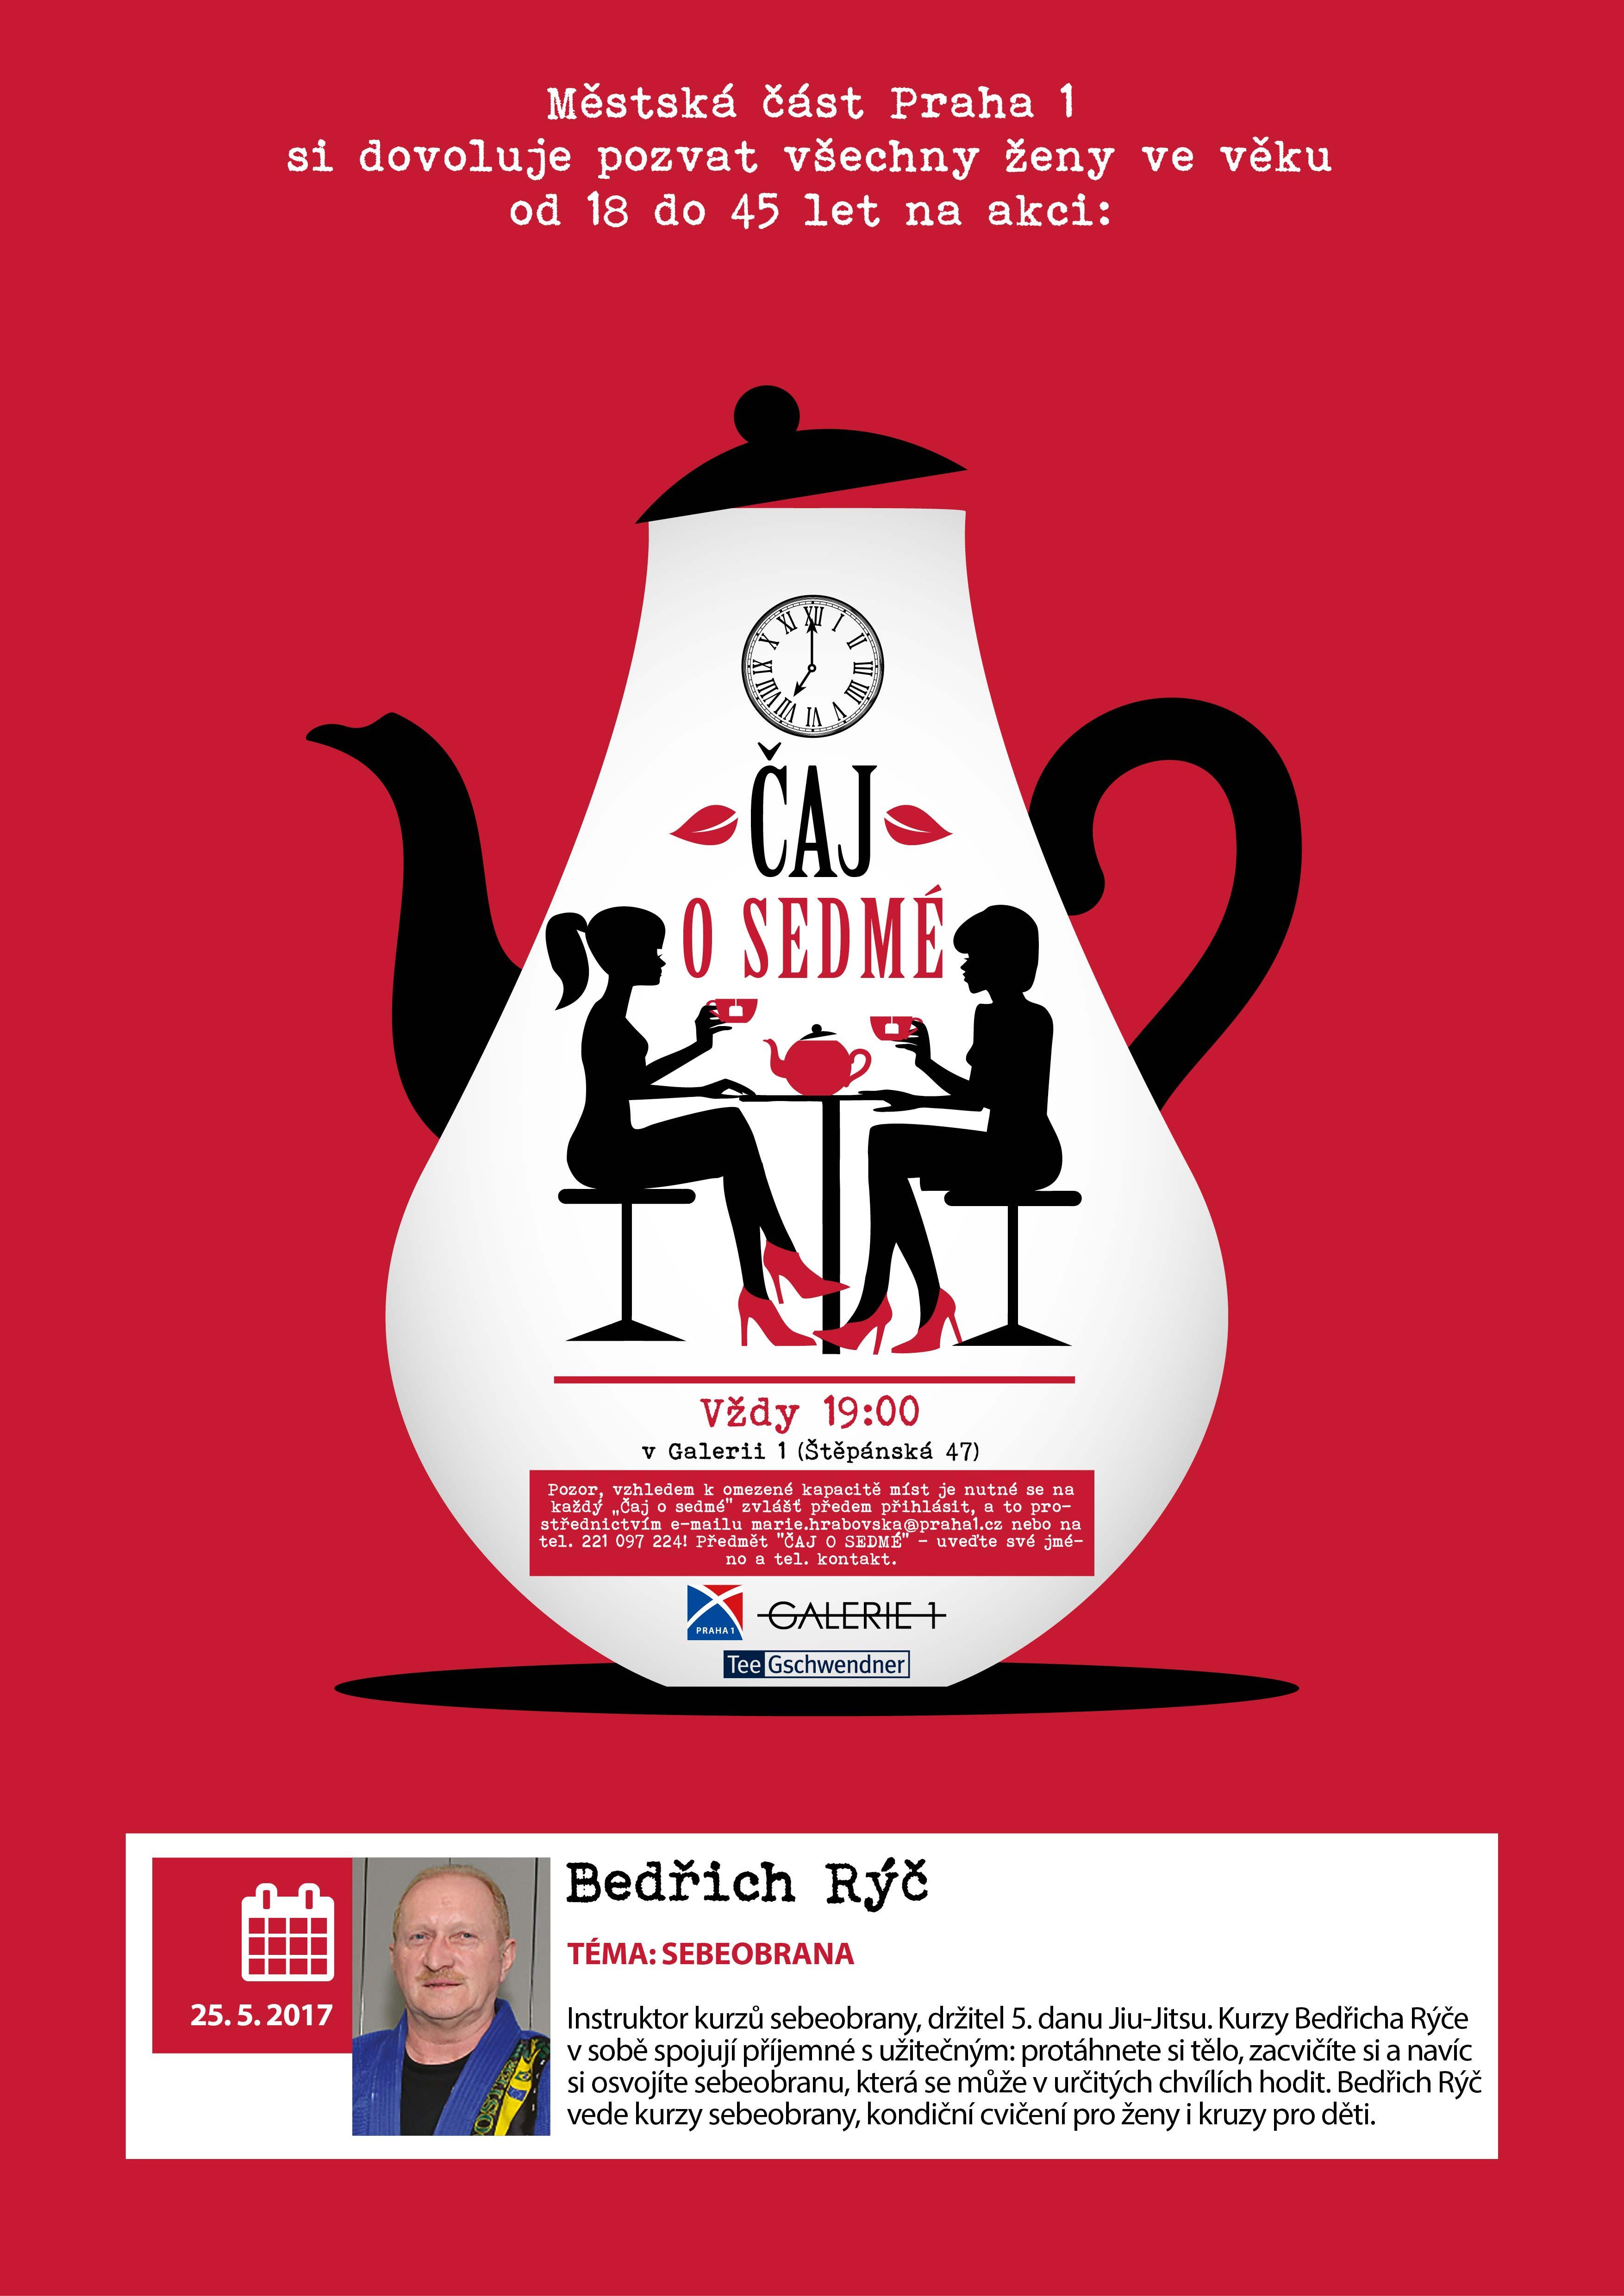 Čaj o sedmé s Bedřichem Rýčem